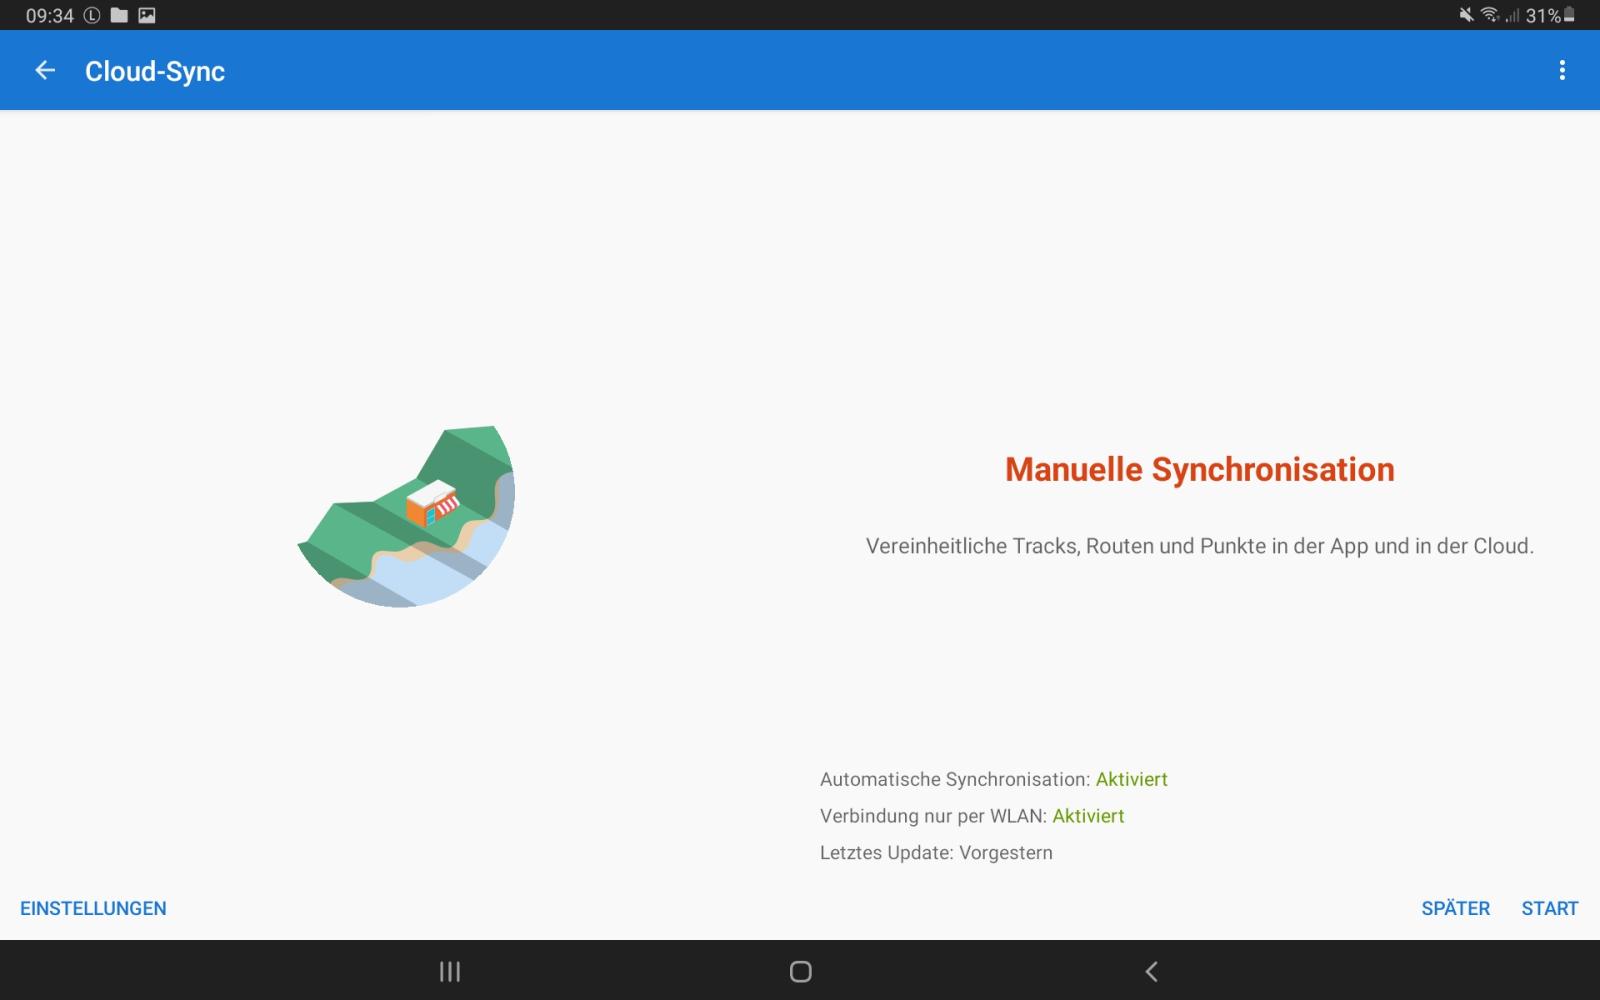 Neue Funktion: Cloud-Synchronisation der Daten zwischen allen Geräten.